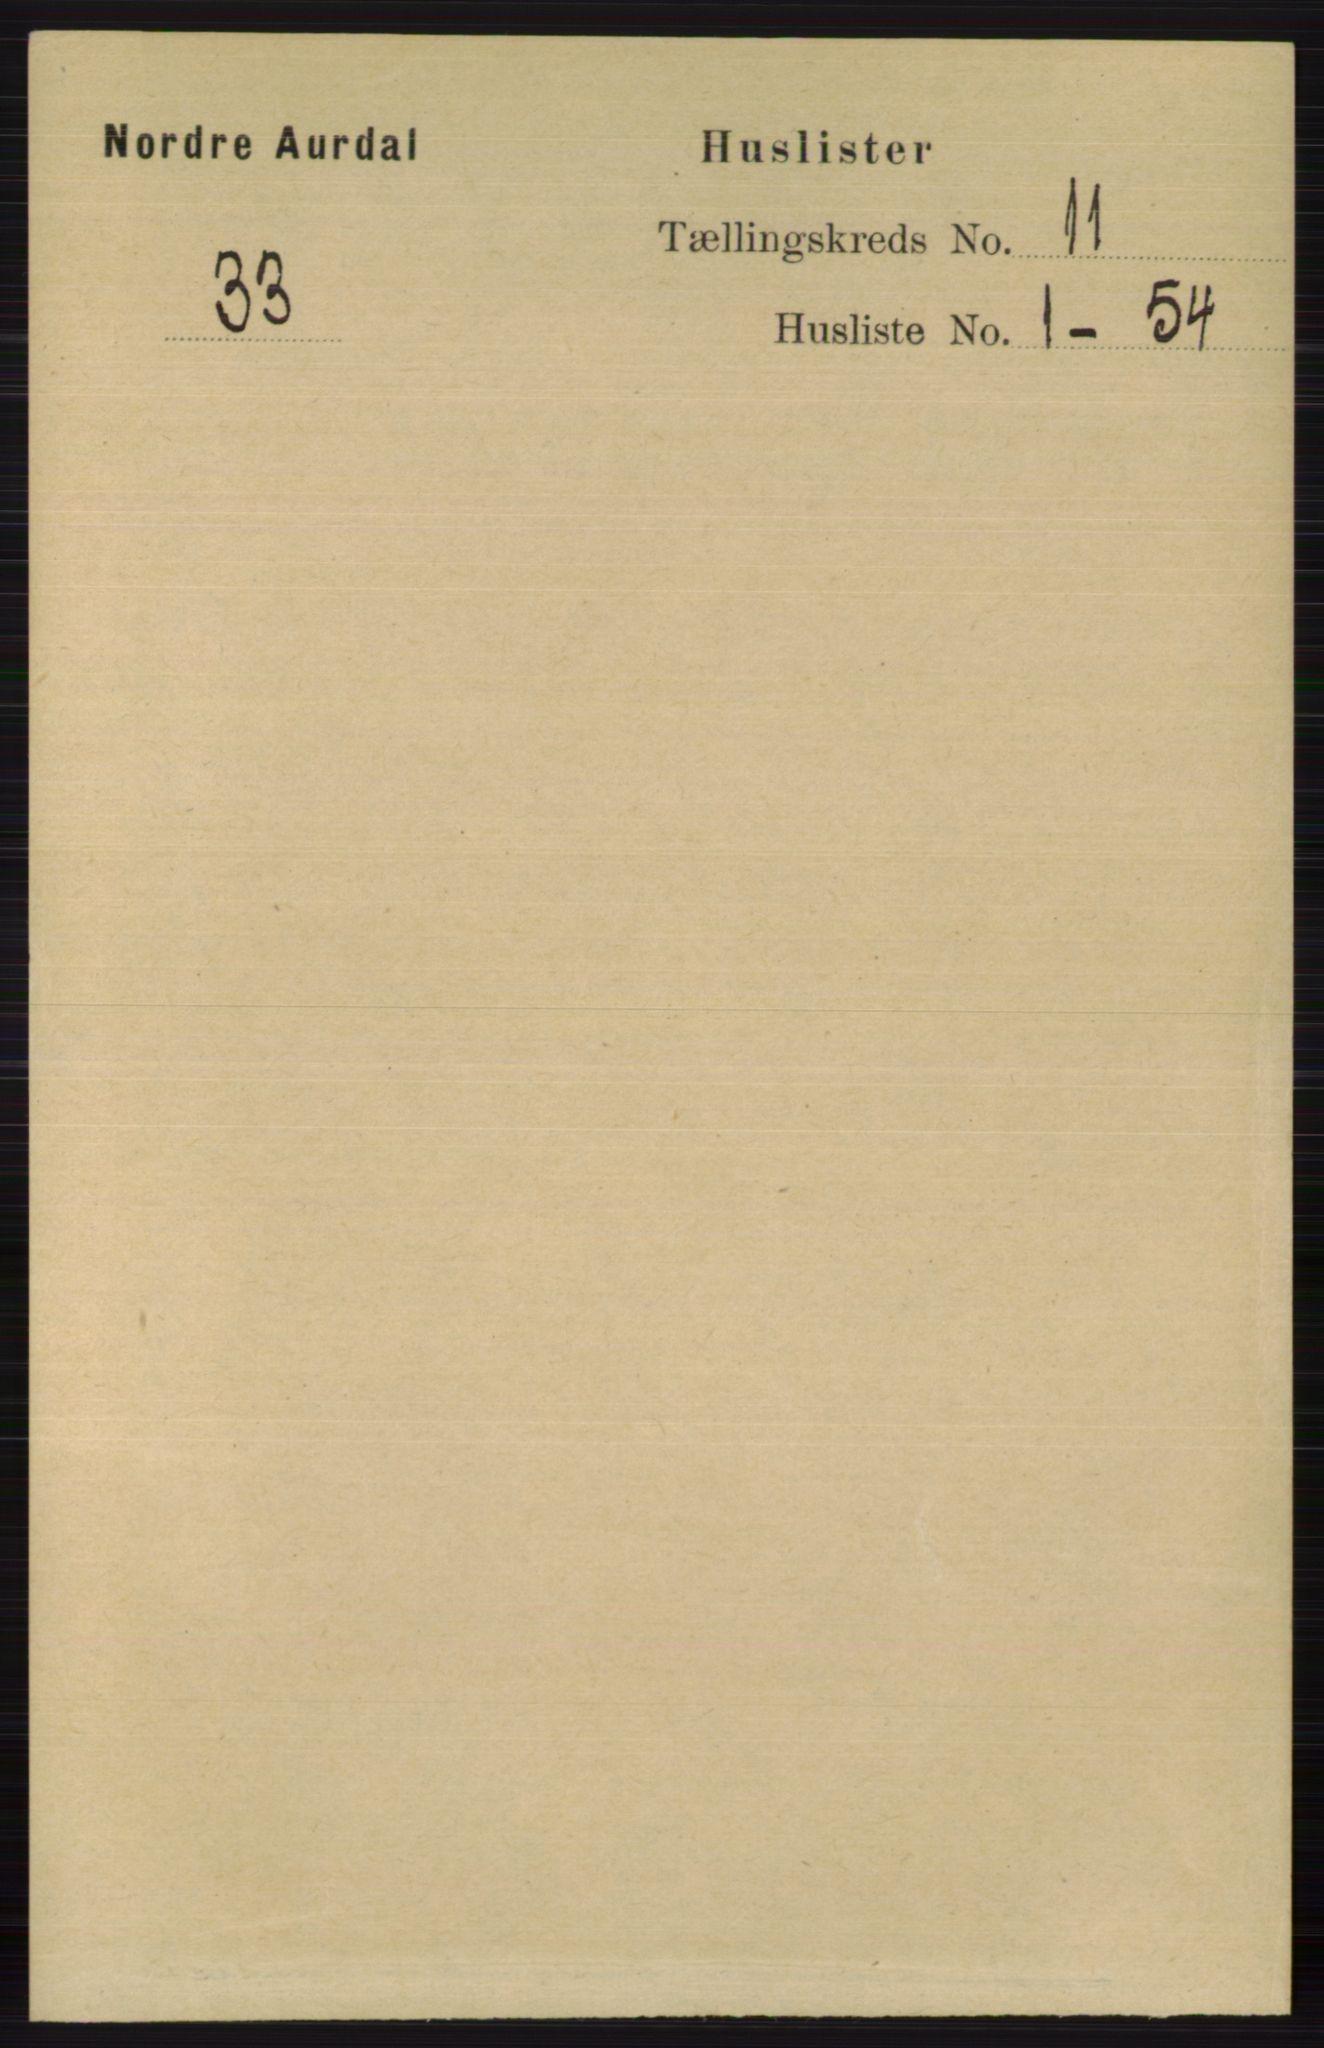 RA, Folketelling 1891 for 0542 Nord-Aurdal herred, 1891, s. 4058